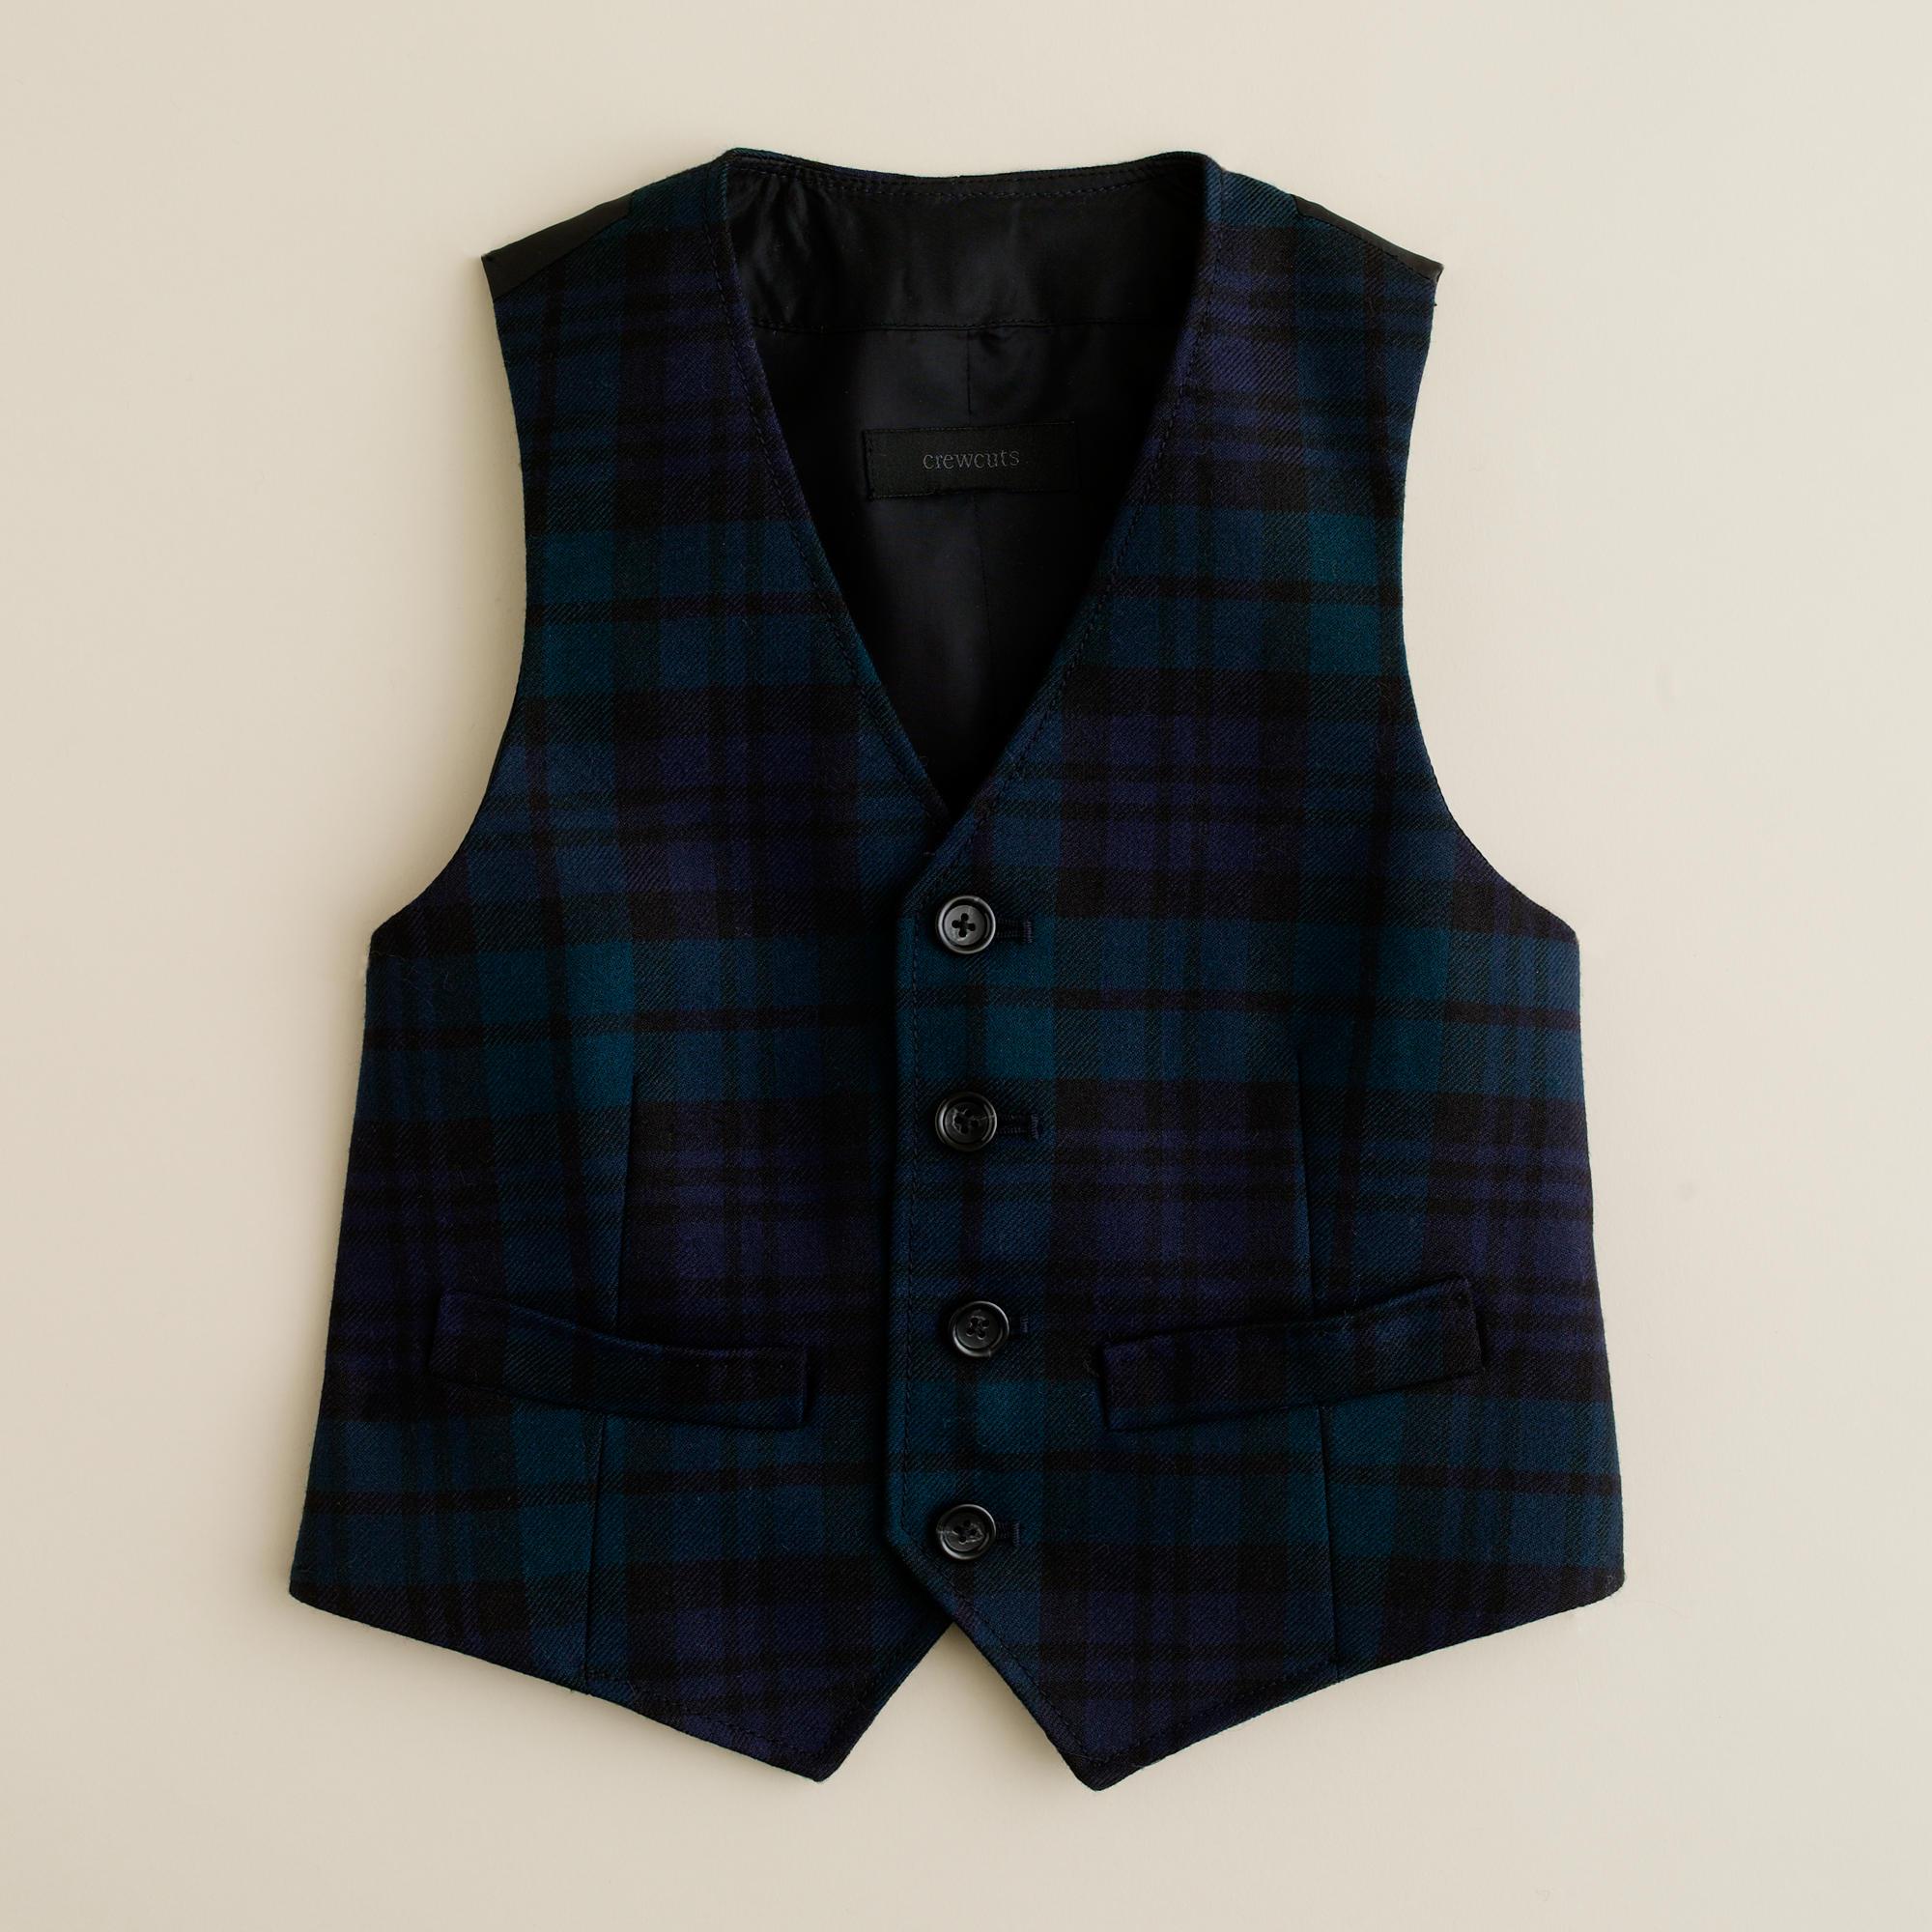 Boys' vest in Black Watch tartan :